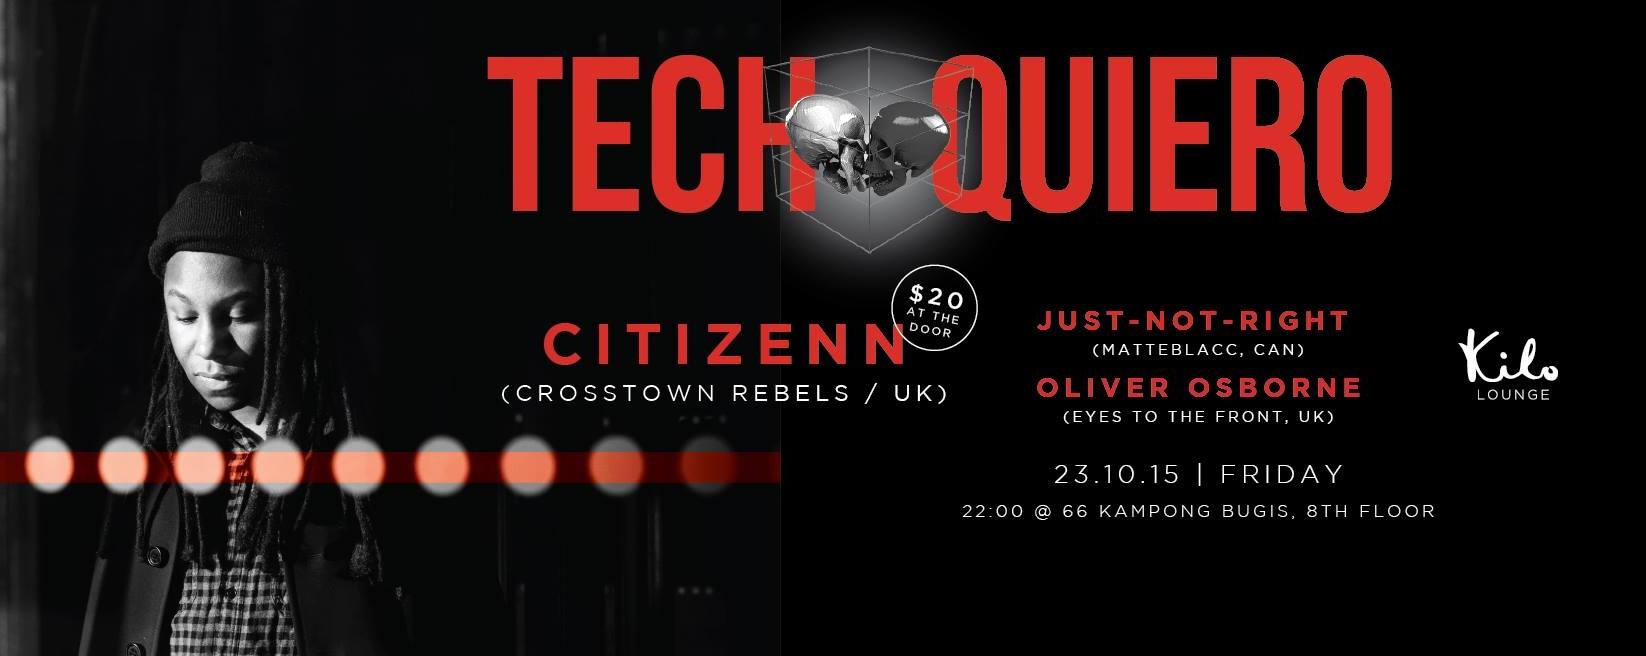 TECH QUIERO PRESENTS: CITIZENN